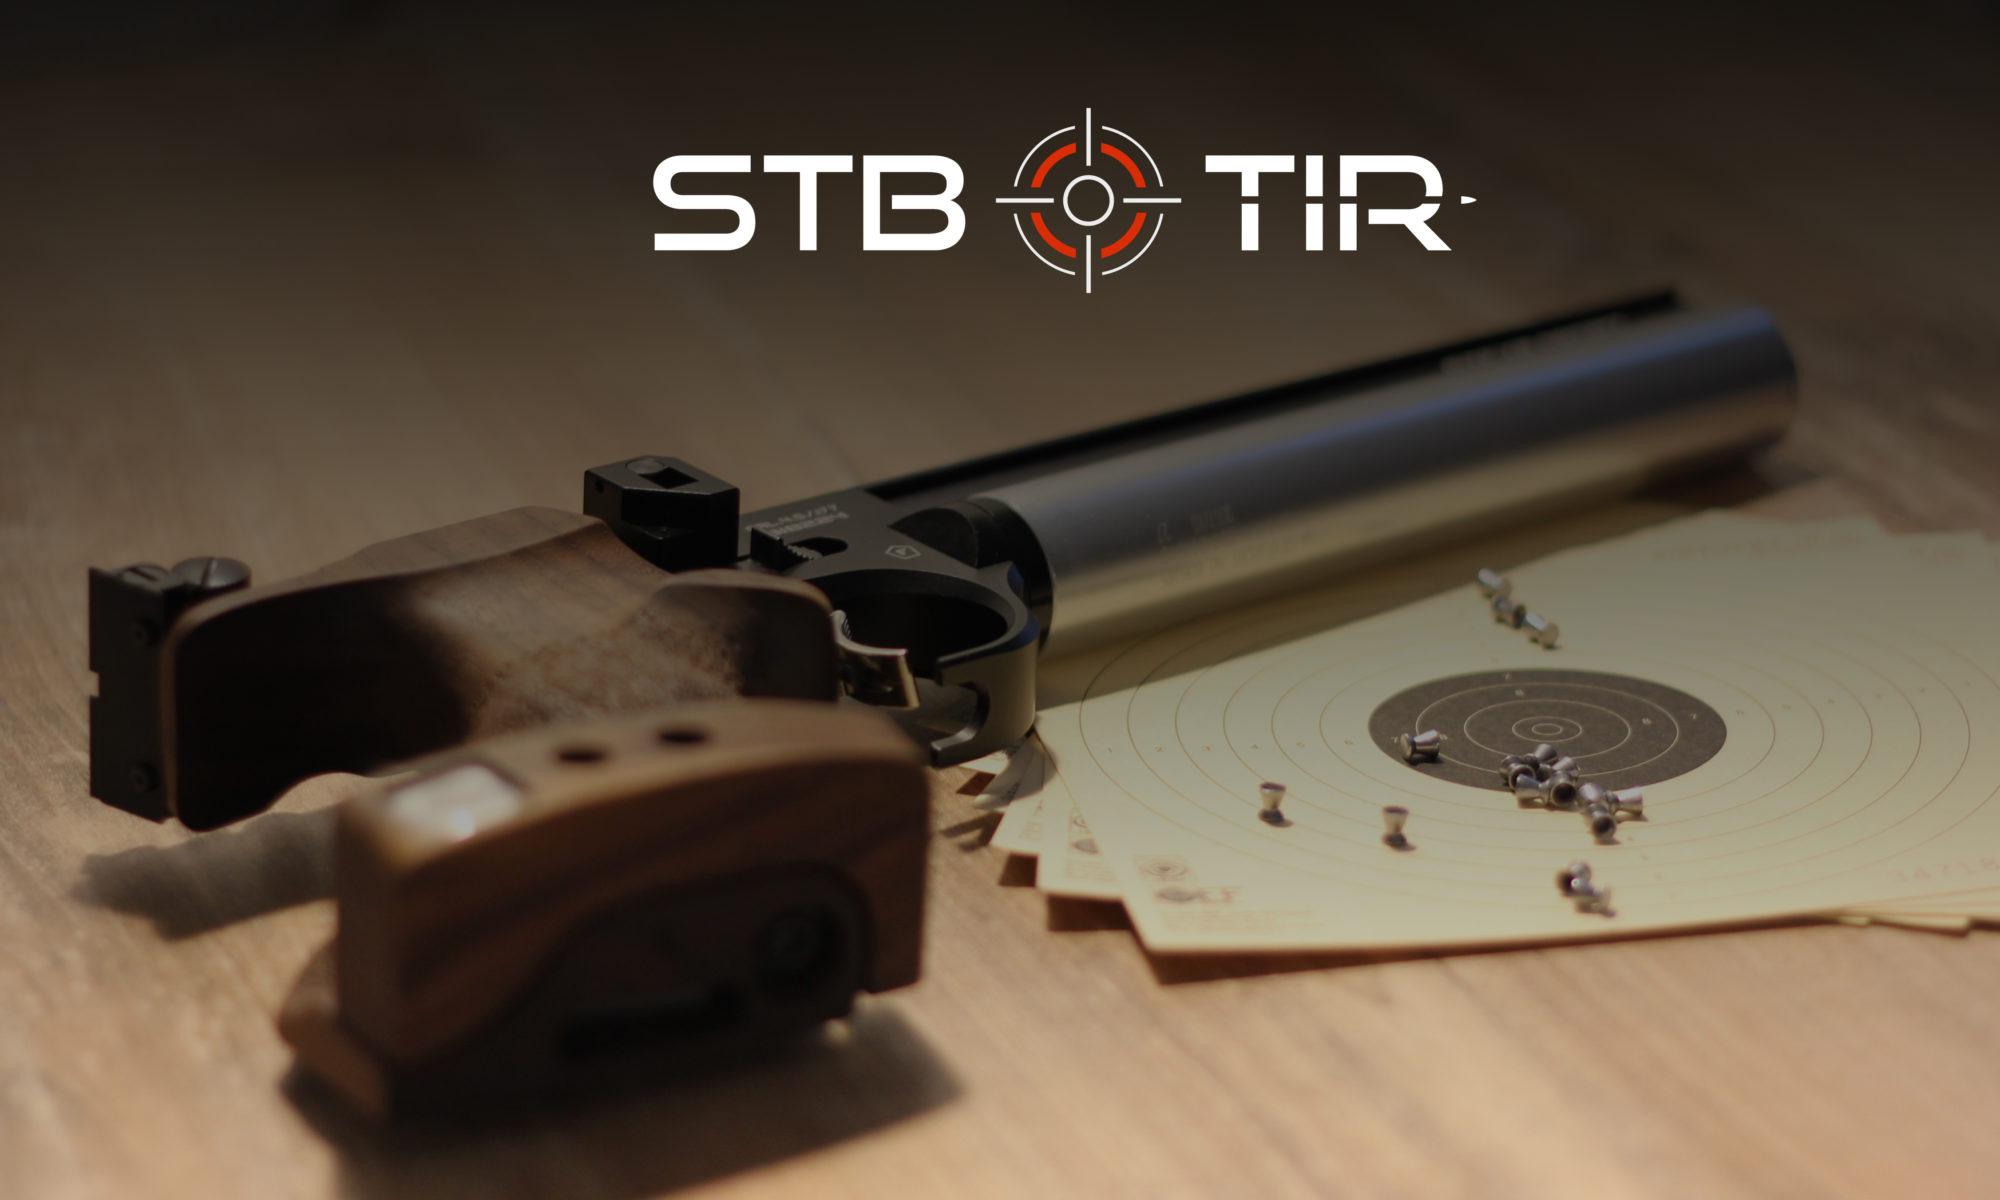 S.T.B. Tir